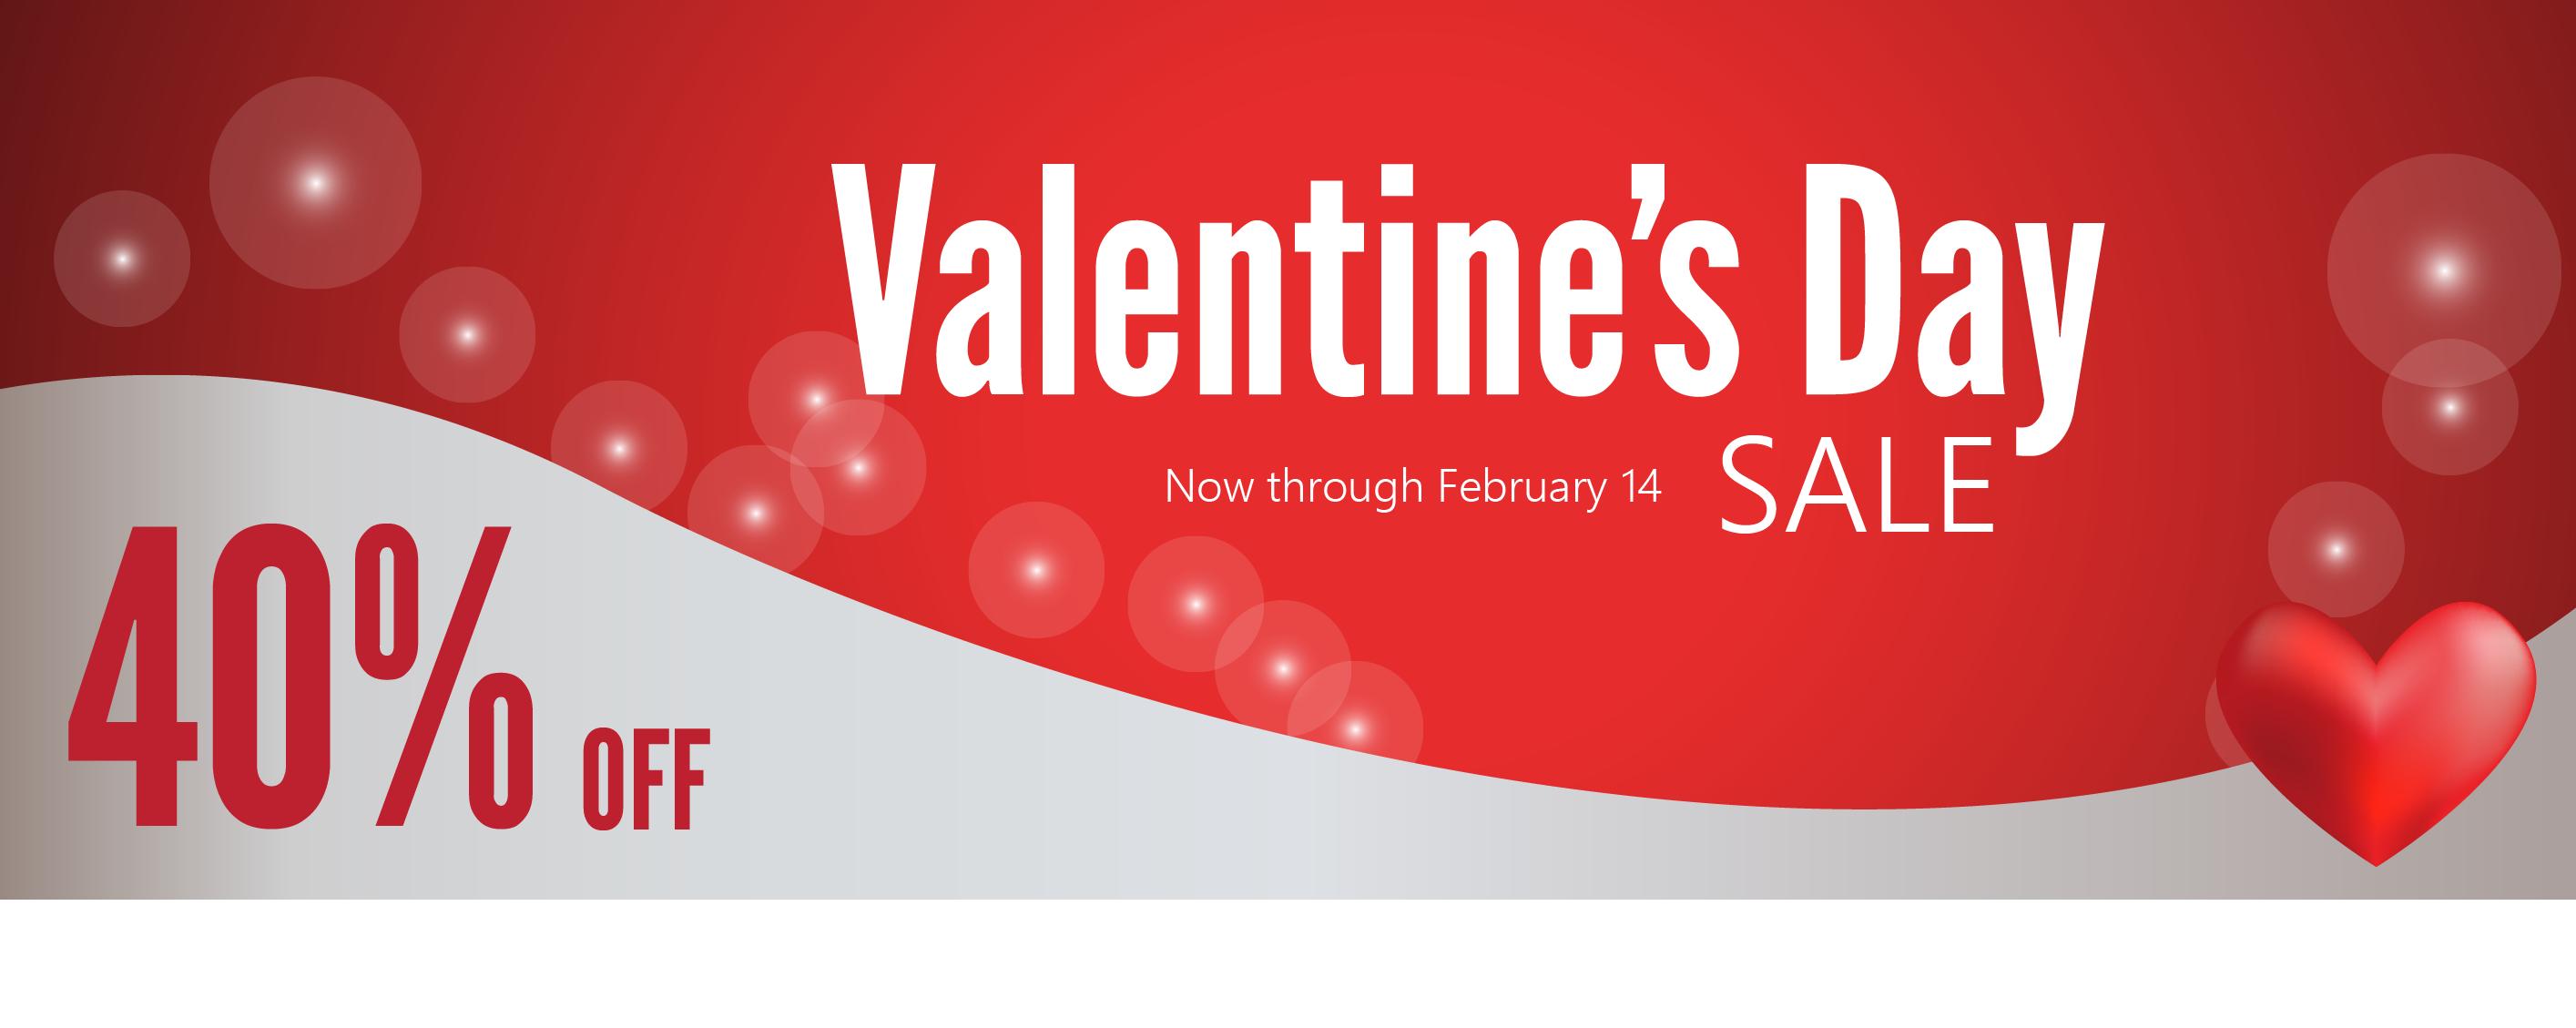 2016 Valentine's Day Sale